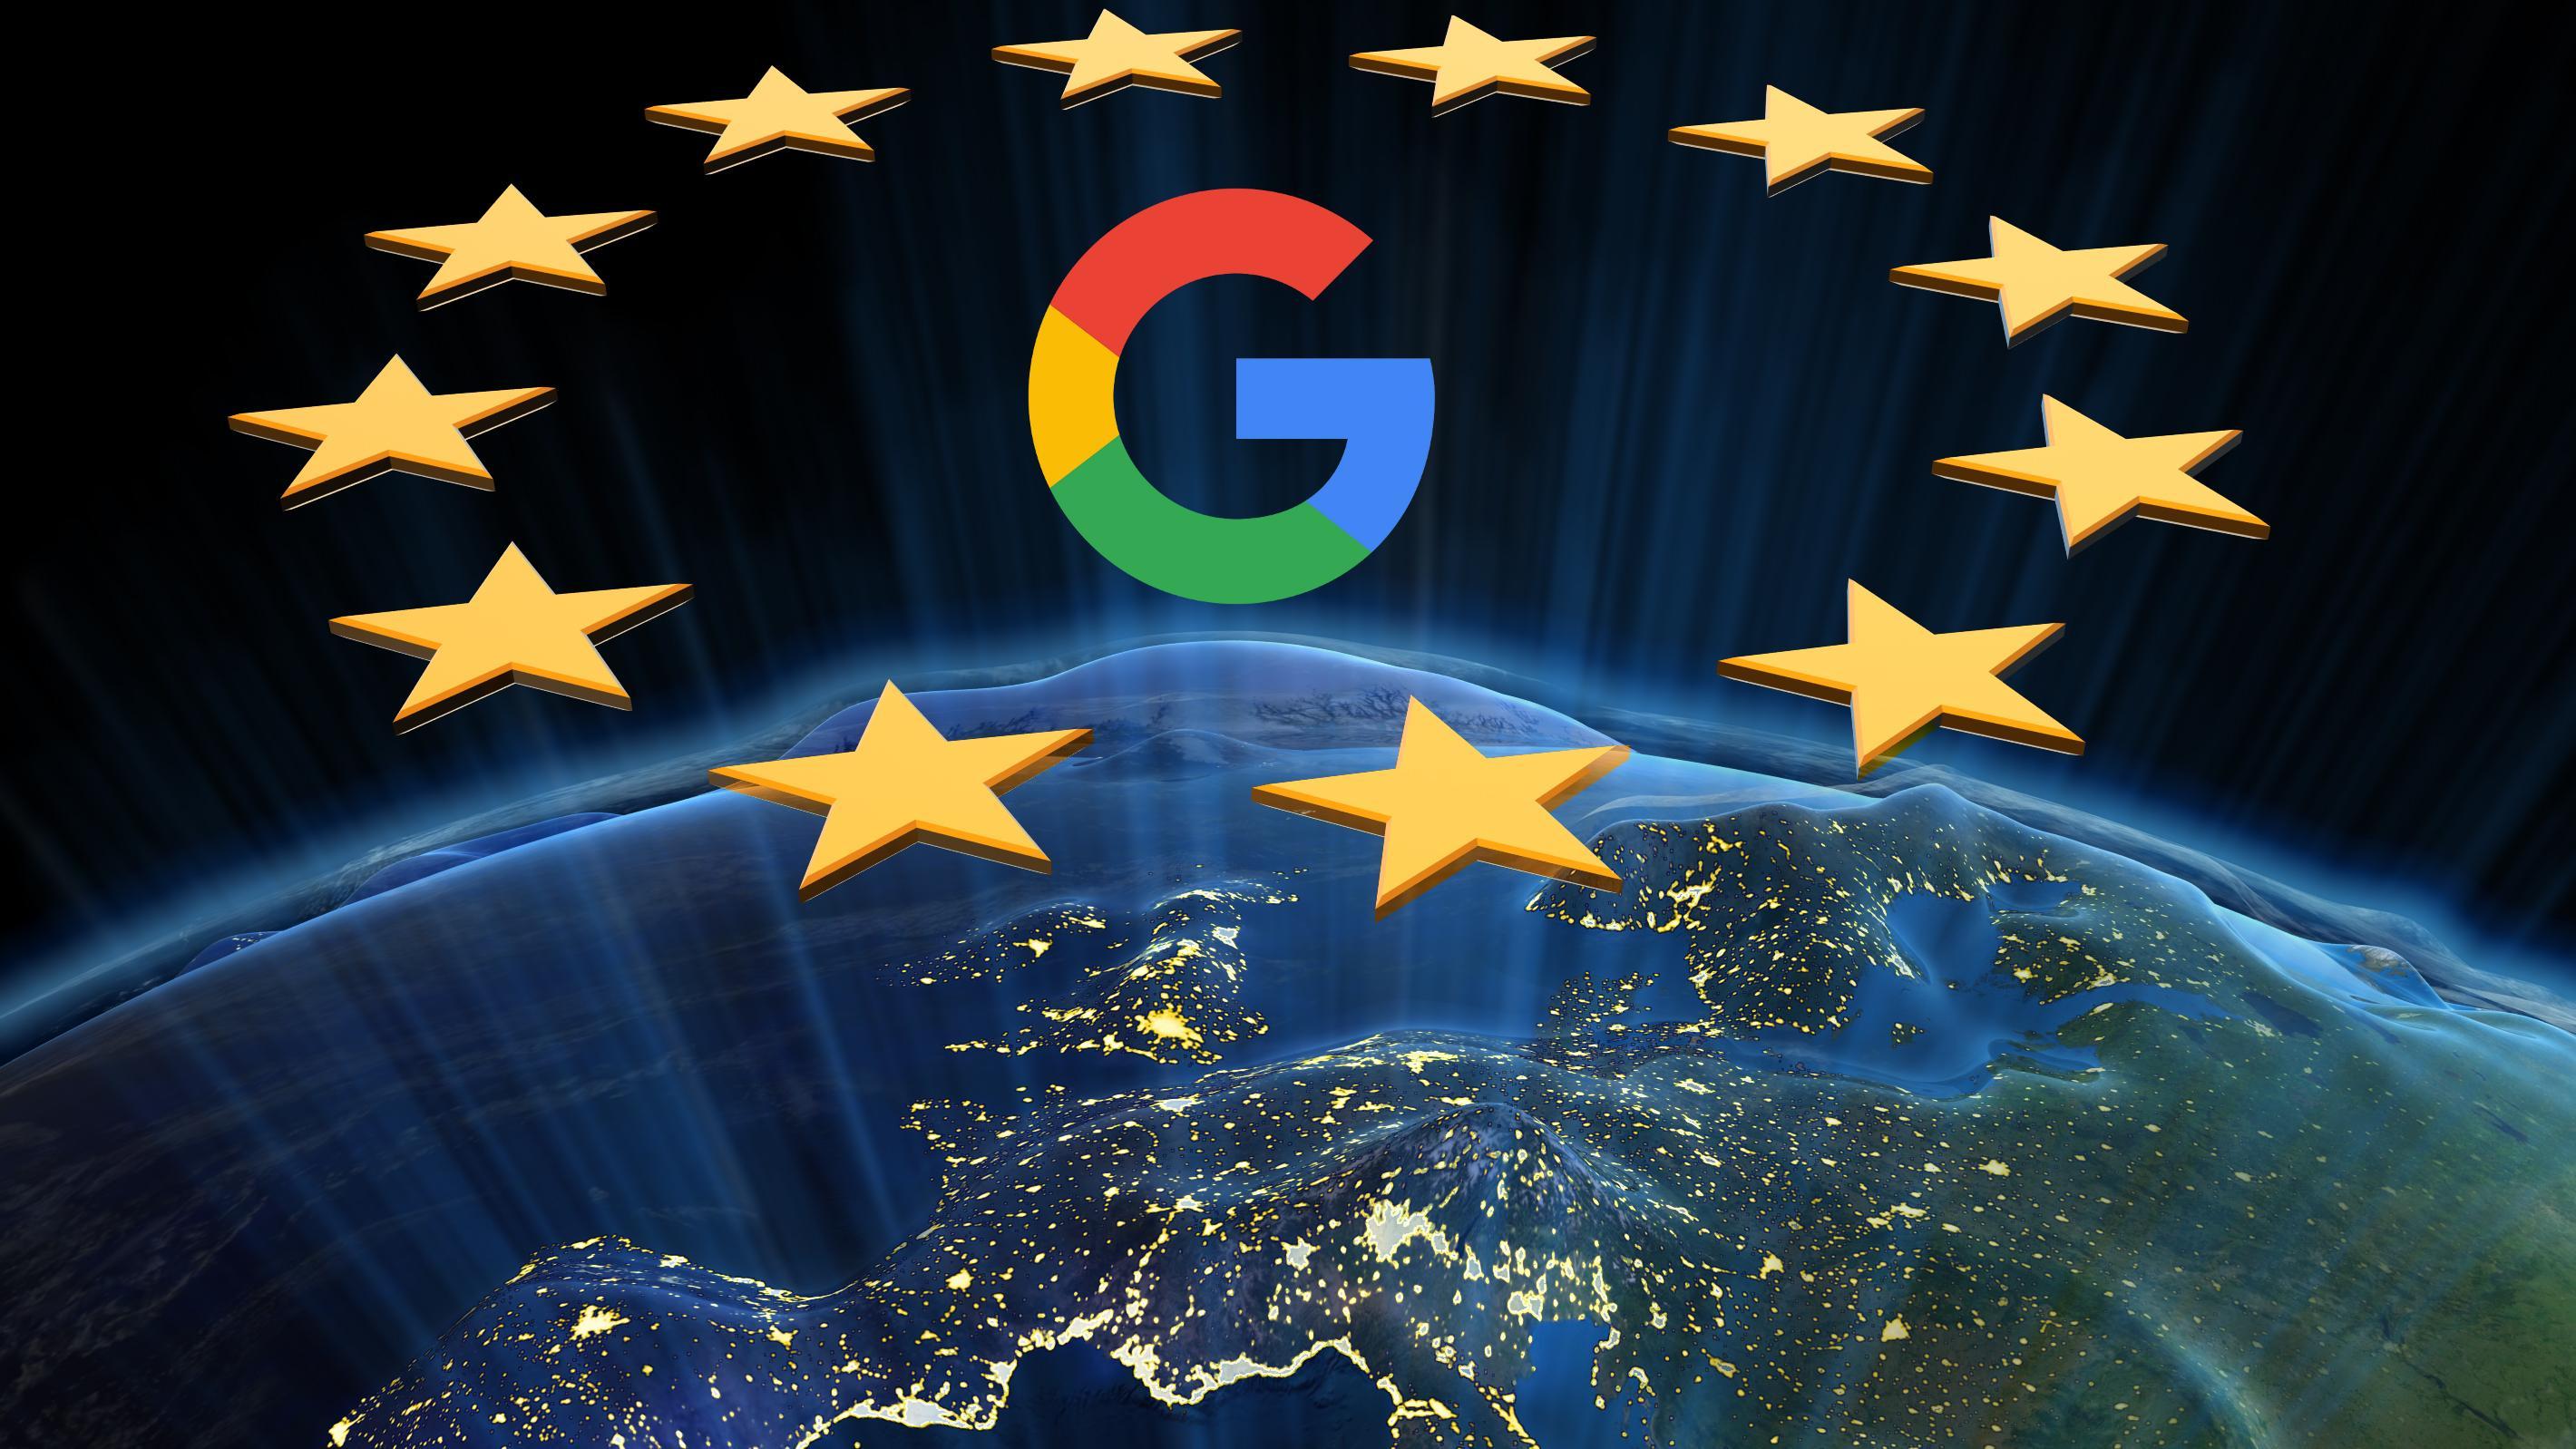 EU ga Google rekordbot: Nå slår Google tilbake